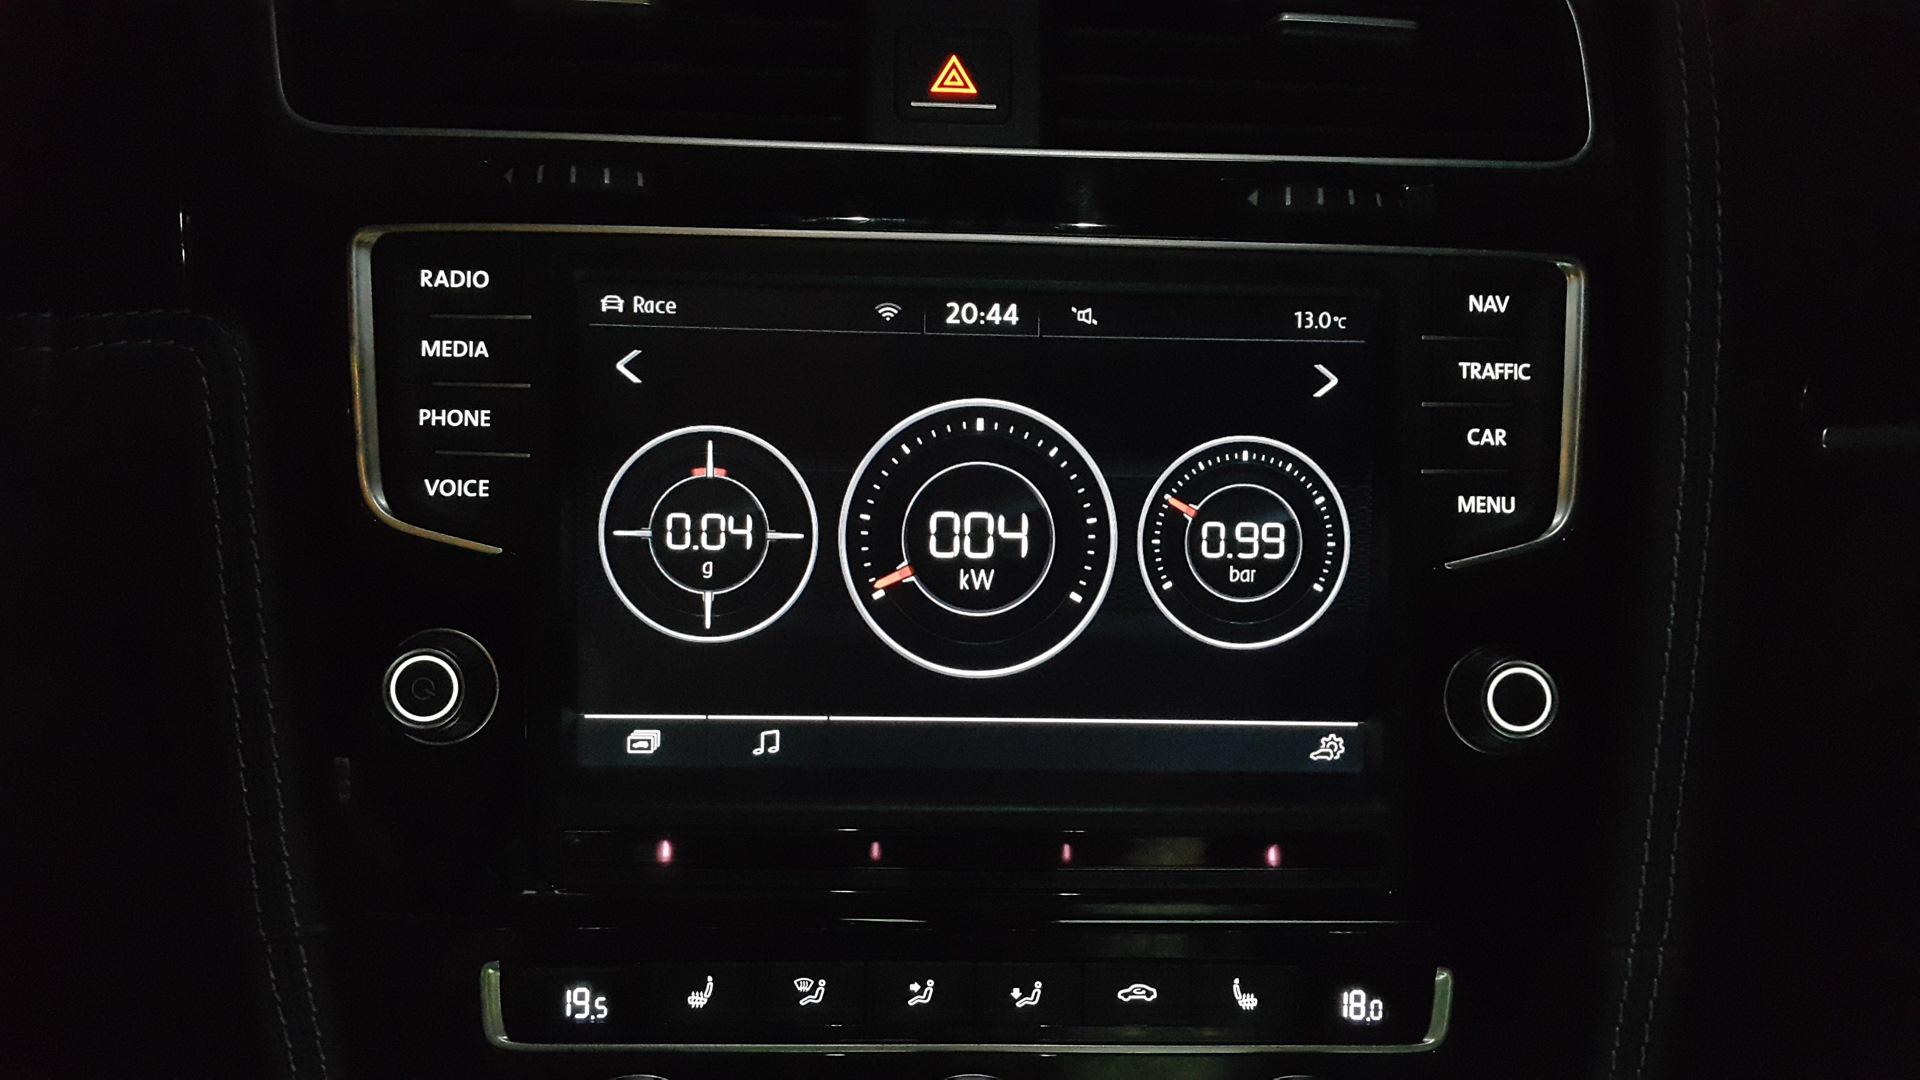 Апгрейд MIB1 на MIB2 — Volkswagen Golf R, 2 0 л , 2014 года